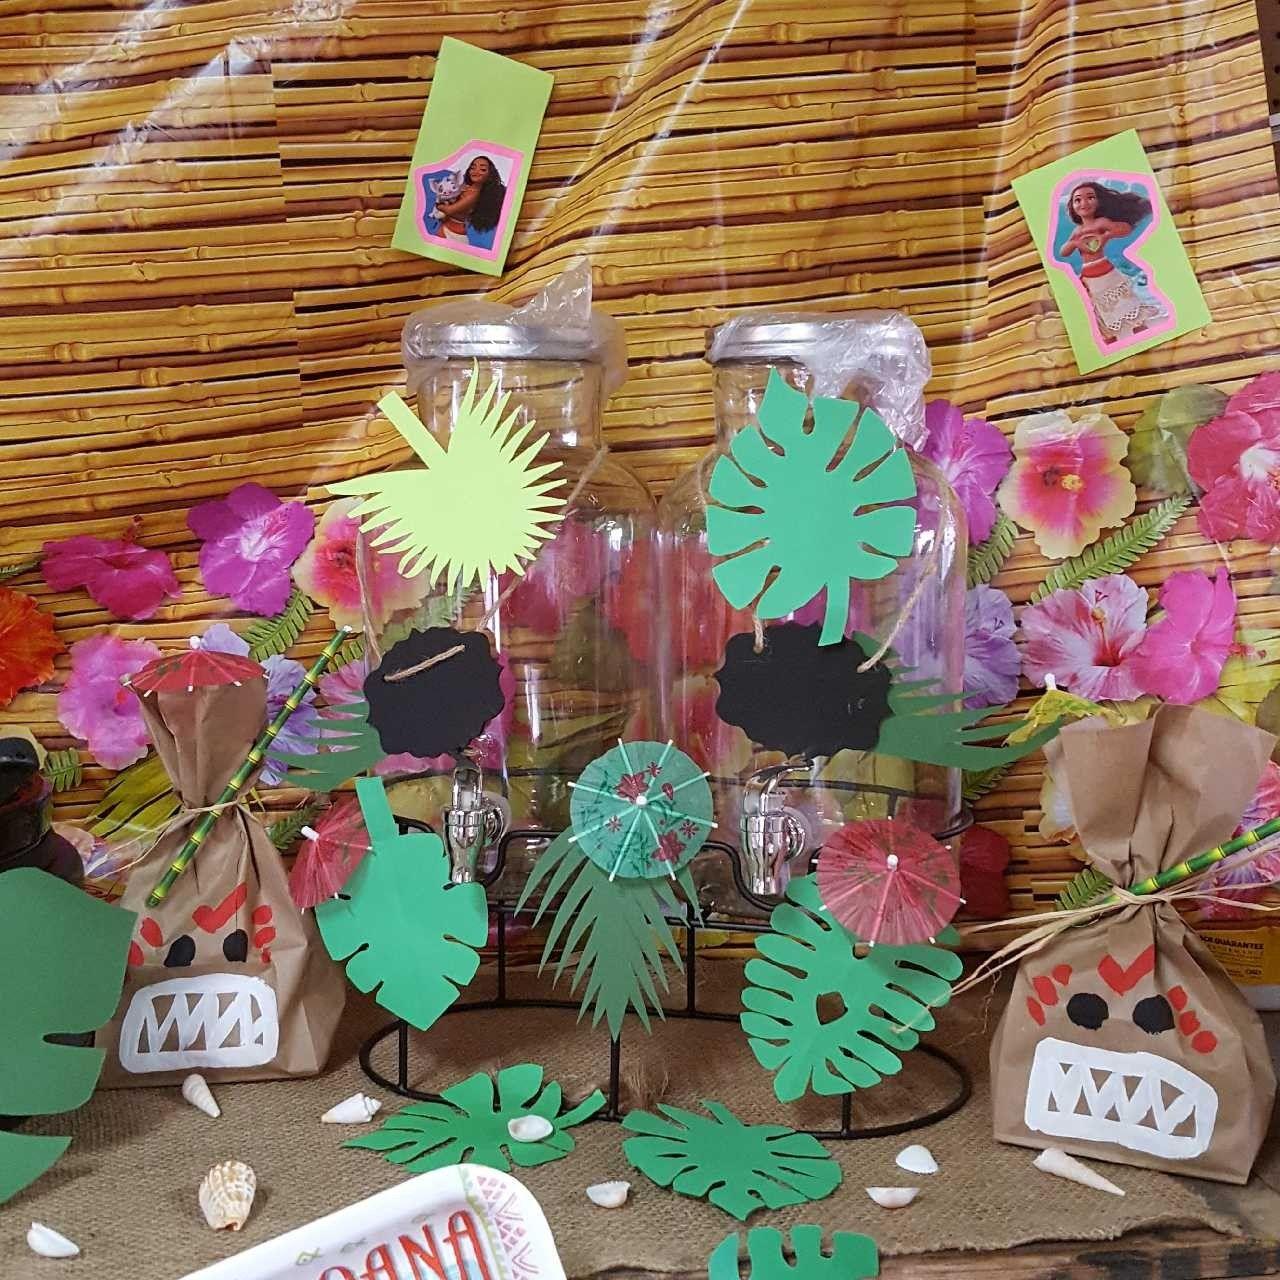 Pin by LunaMoon Events on Moana Theme- Kris | Moana theme ... |Moana Themed Christmas Tree